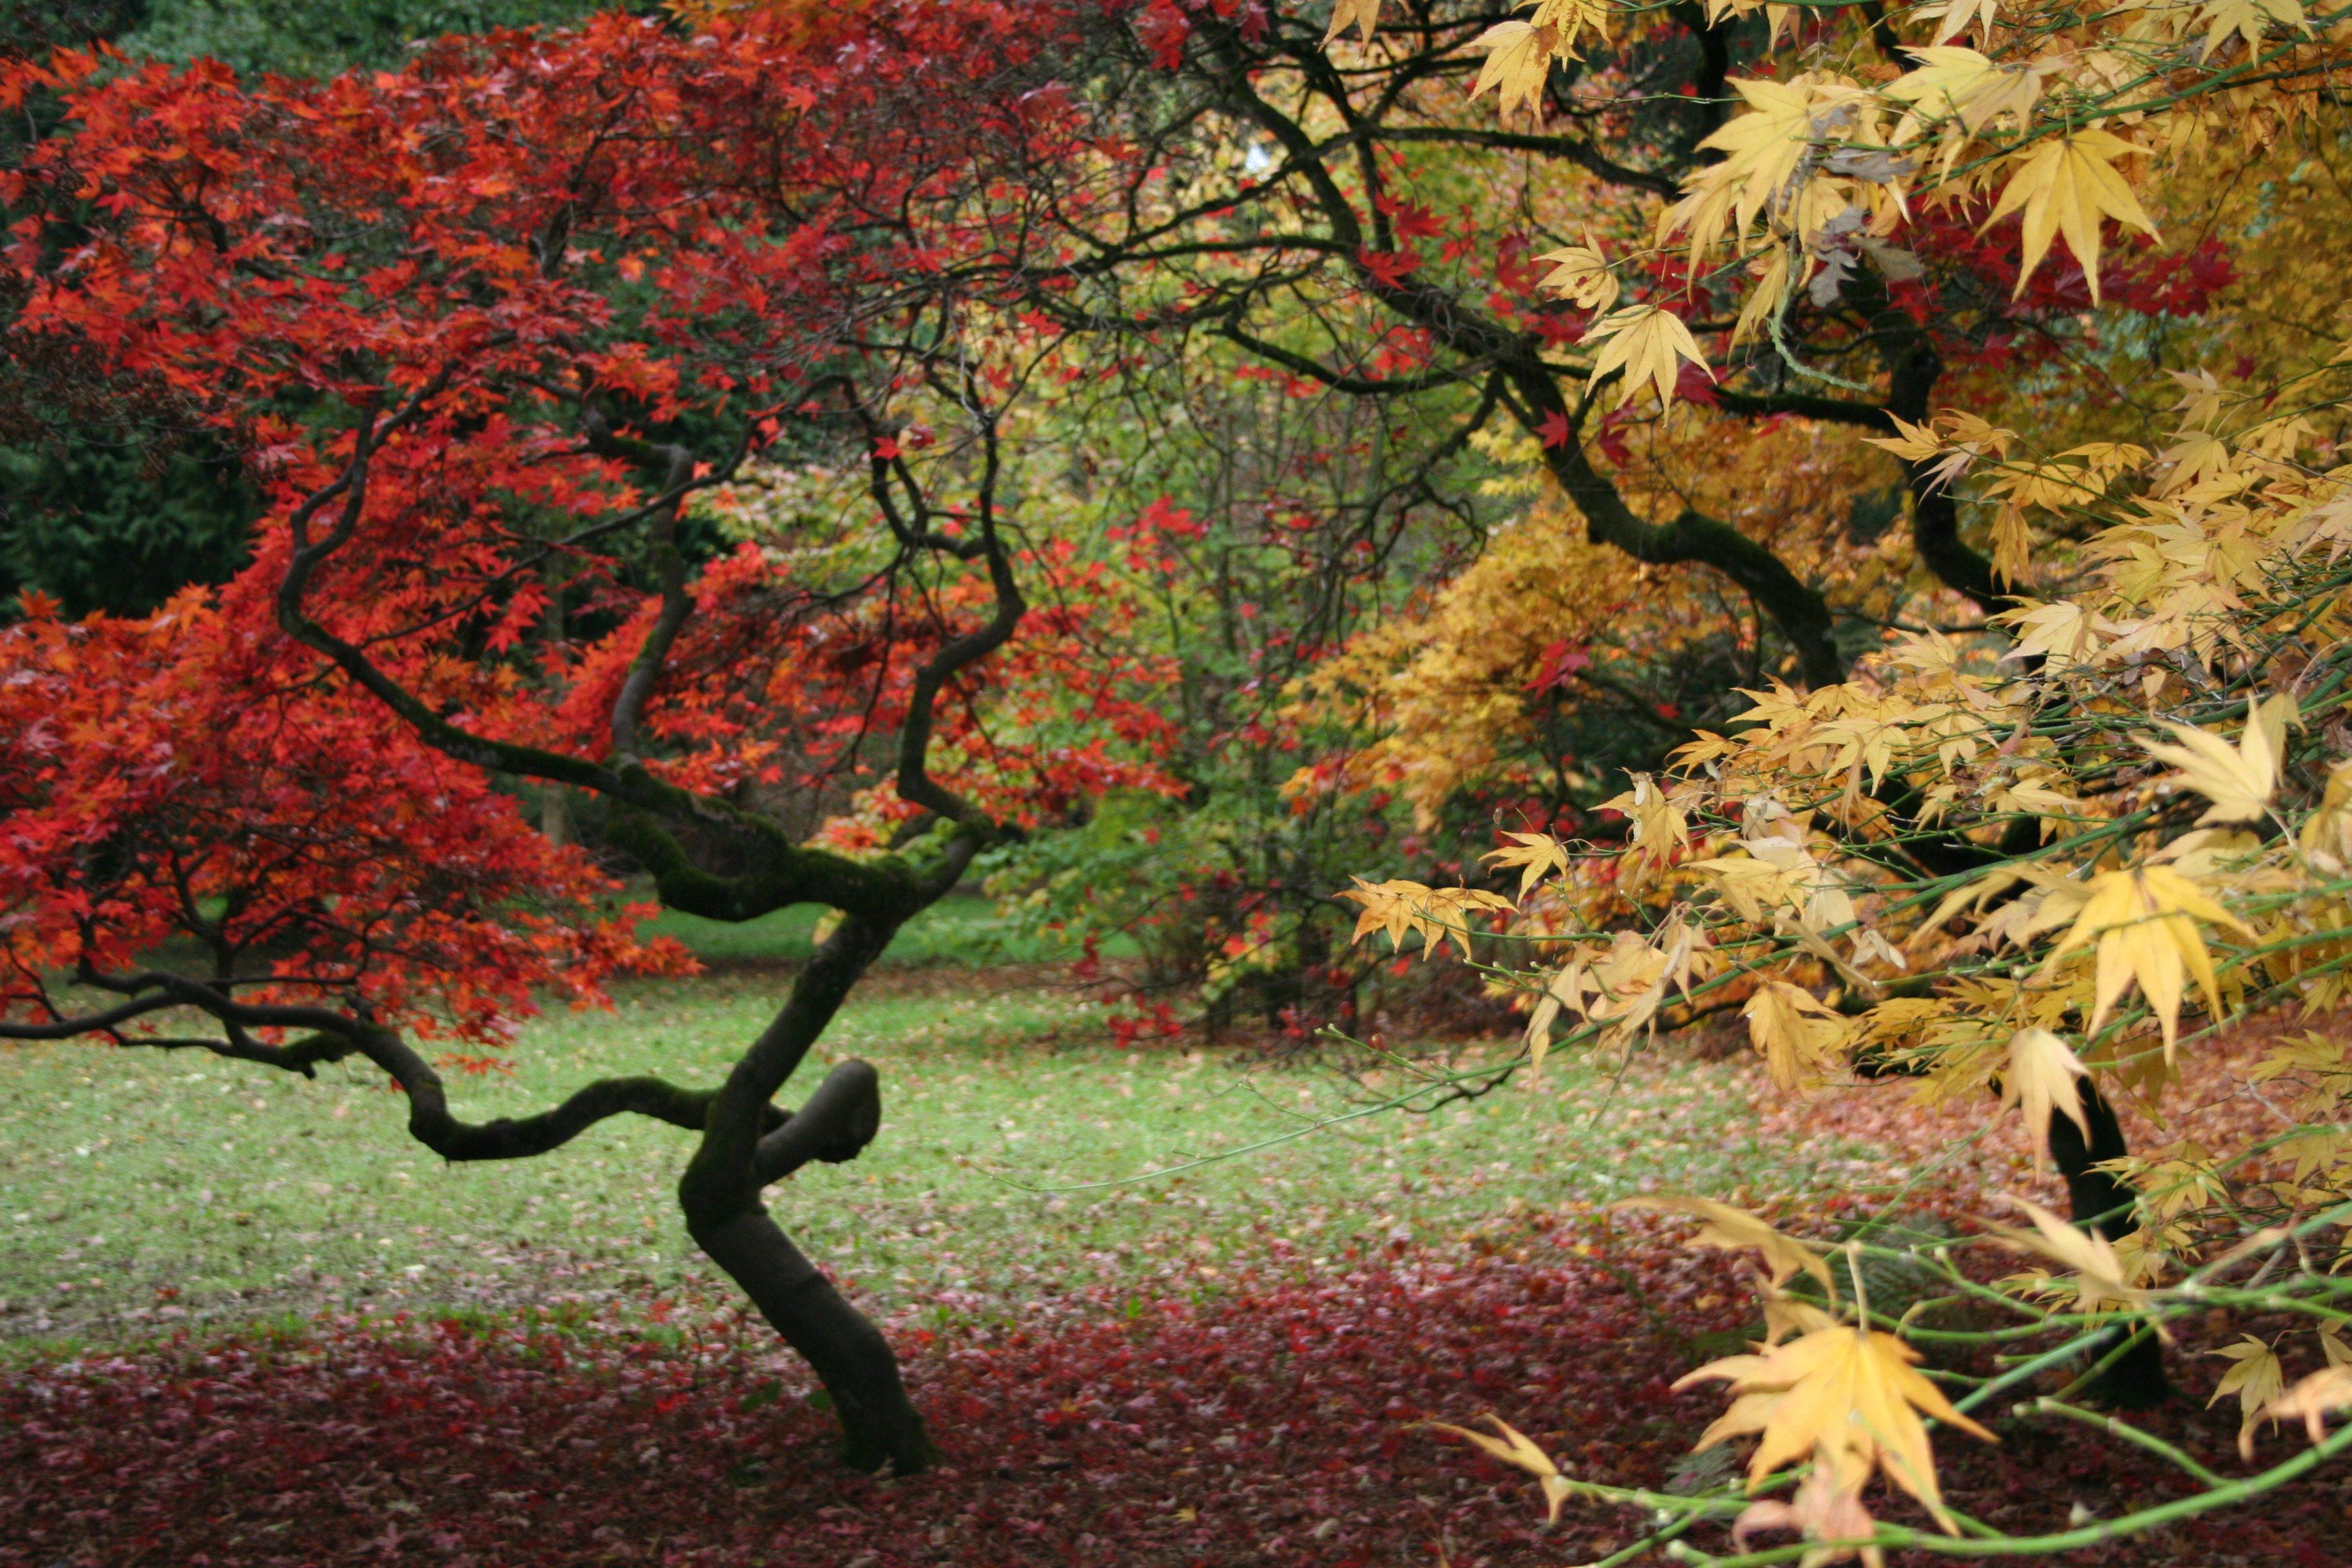 Westonbirt Arboretum Autumn Colours 2013